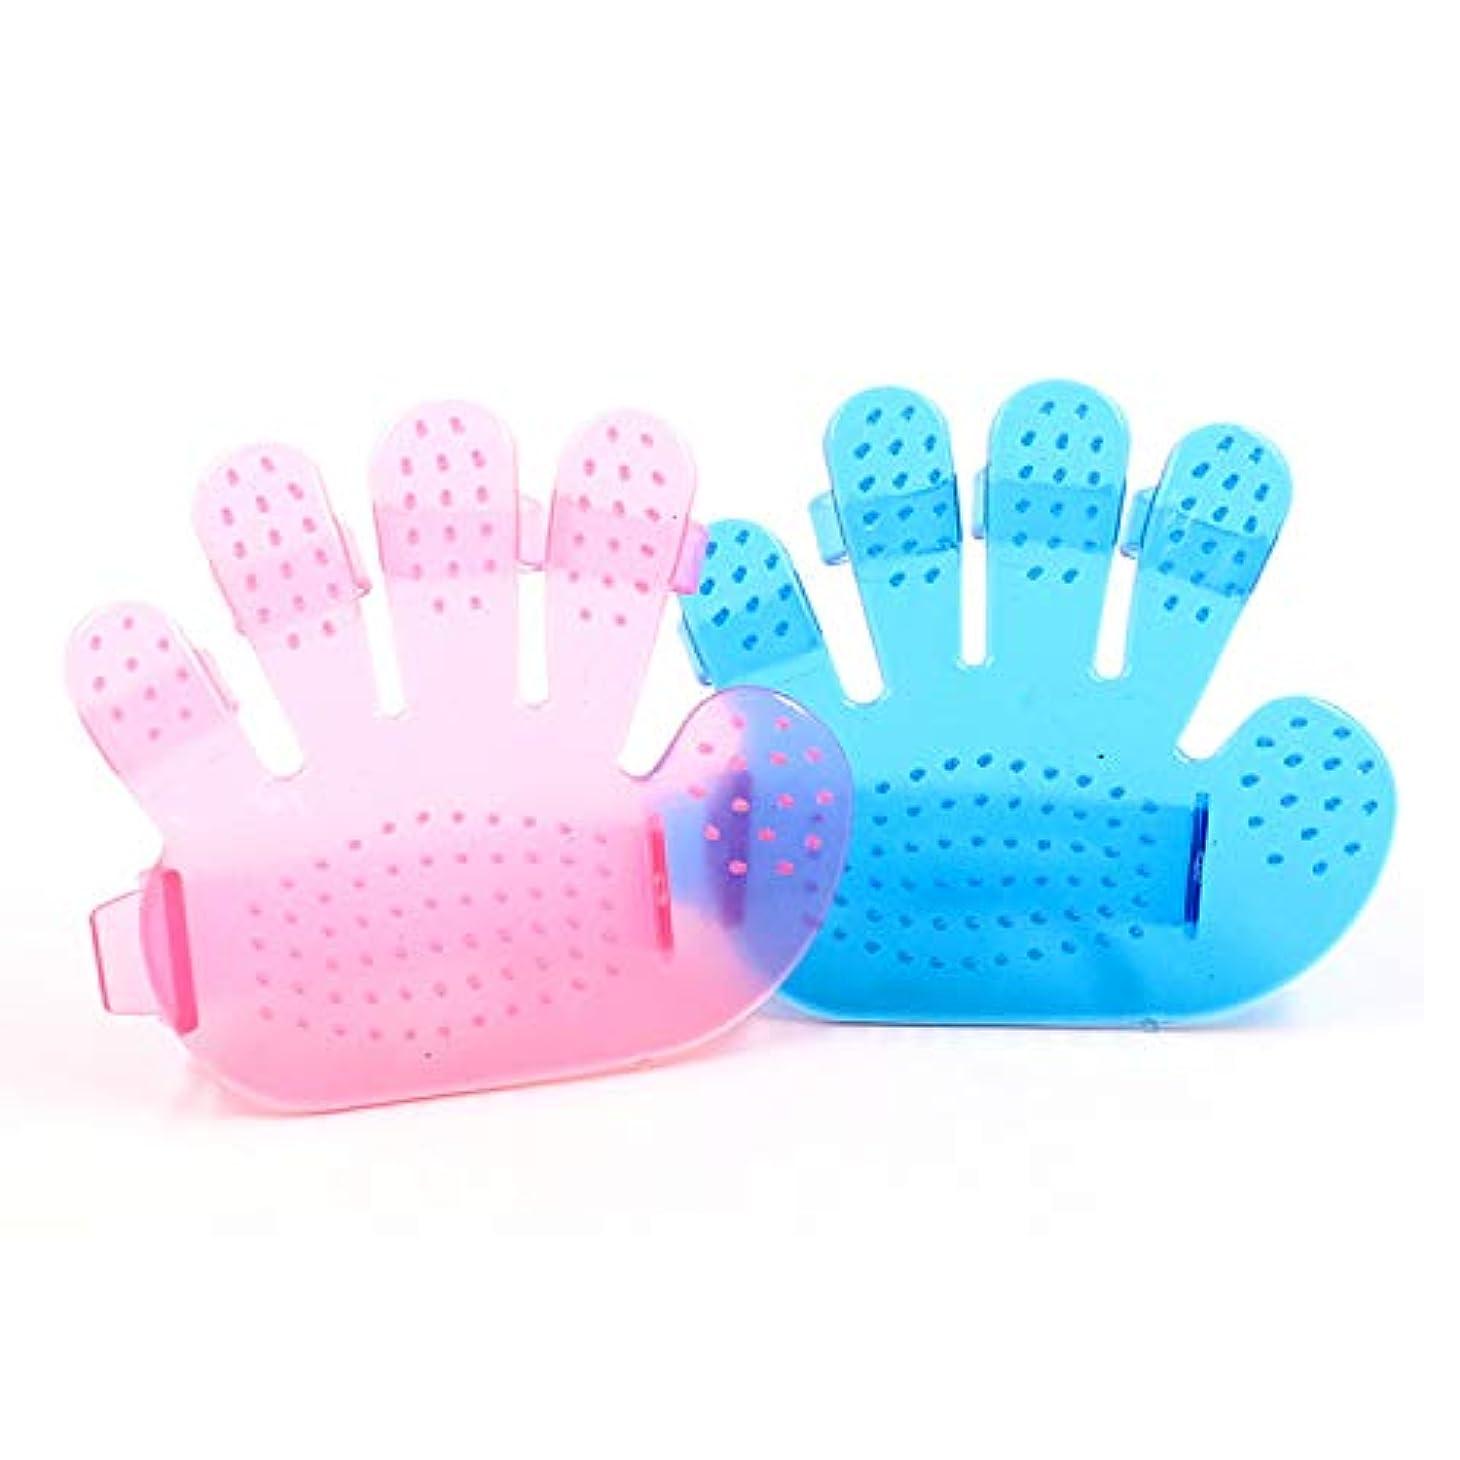 暖炉おとこ民間BTXXYJP ペット ブラシ 手袋 猫 ブラシ グローブ クリーナー 耐摩耗 抜け毛取り マッサージブラシ 犬 グローブ 10個 (Color : Pink, Size : M-Ten)